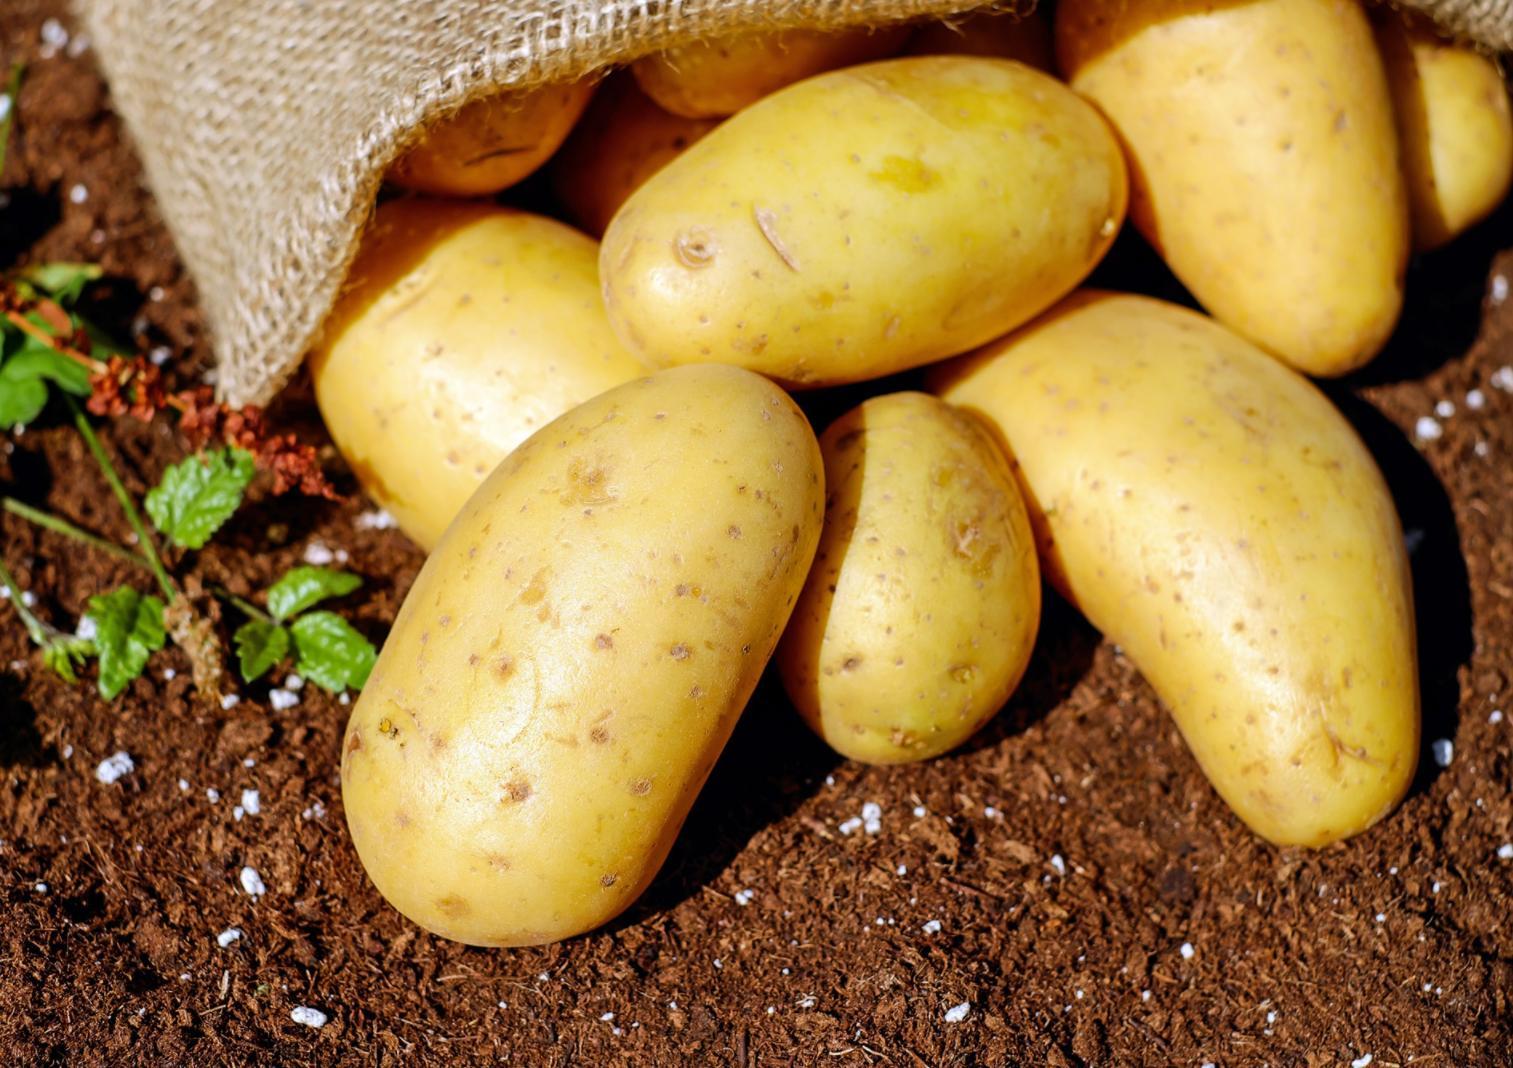 15 Kg de pommes de terre - Évry-Courcouronnes (91)